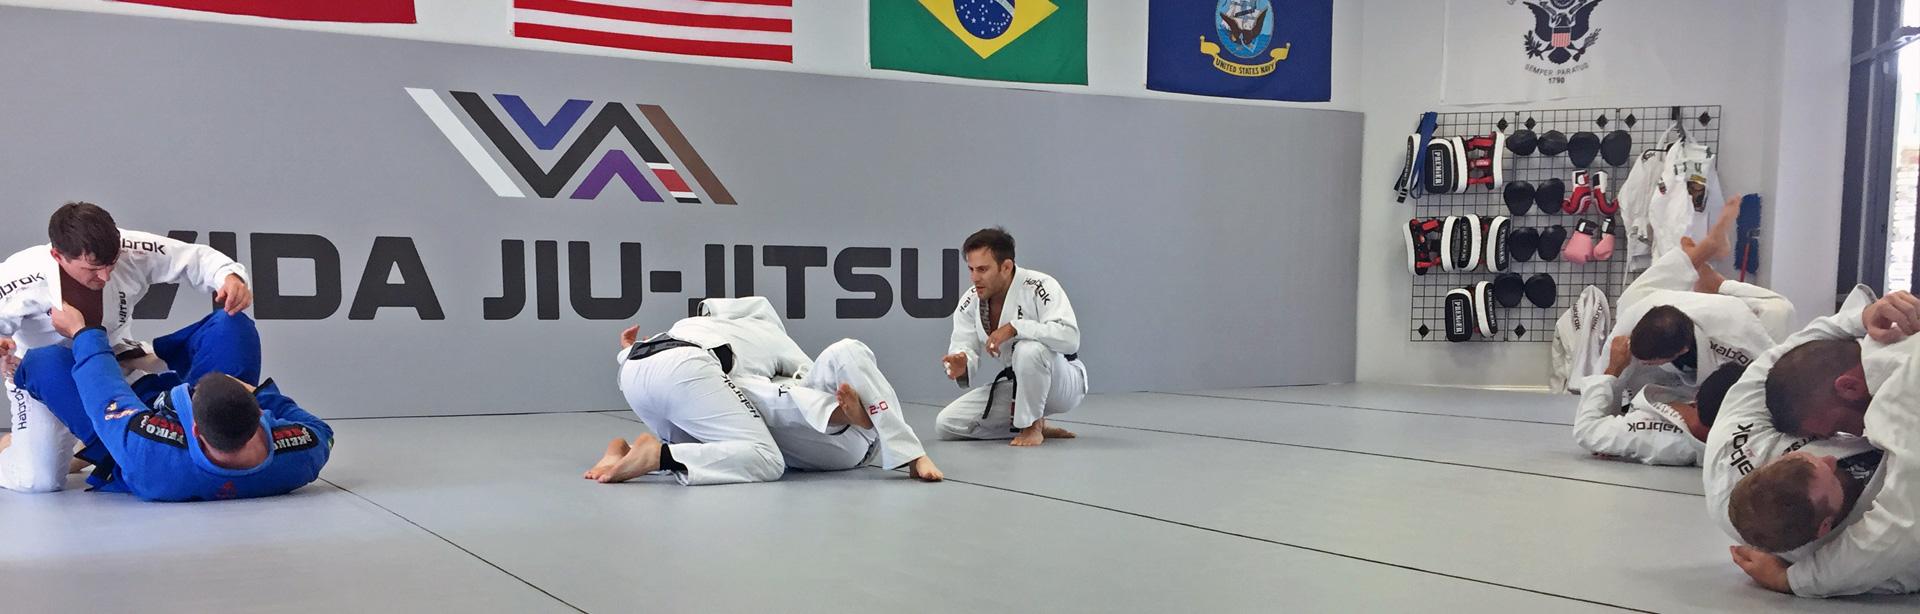 Vida Brazilian Jiu-jitsu Schedule